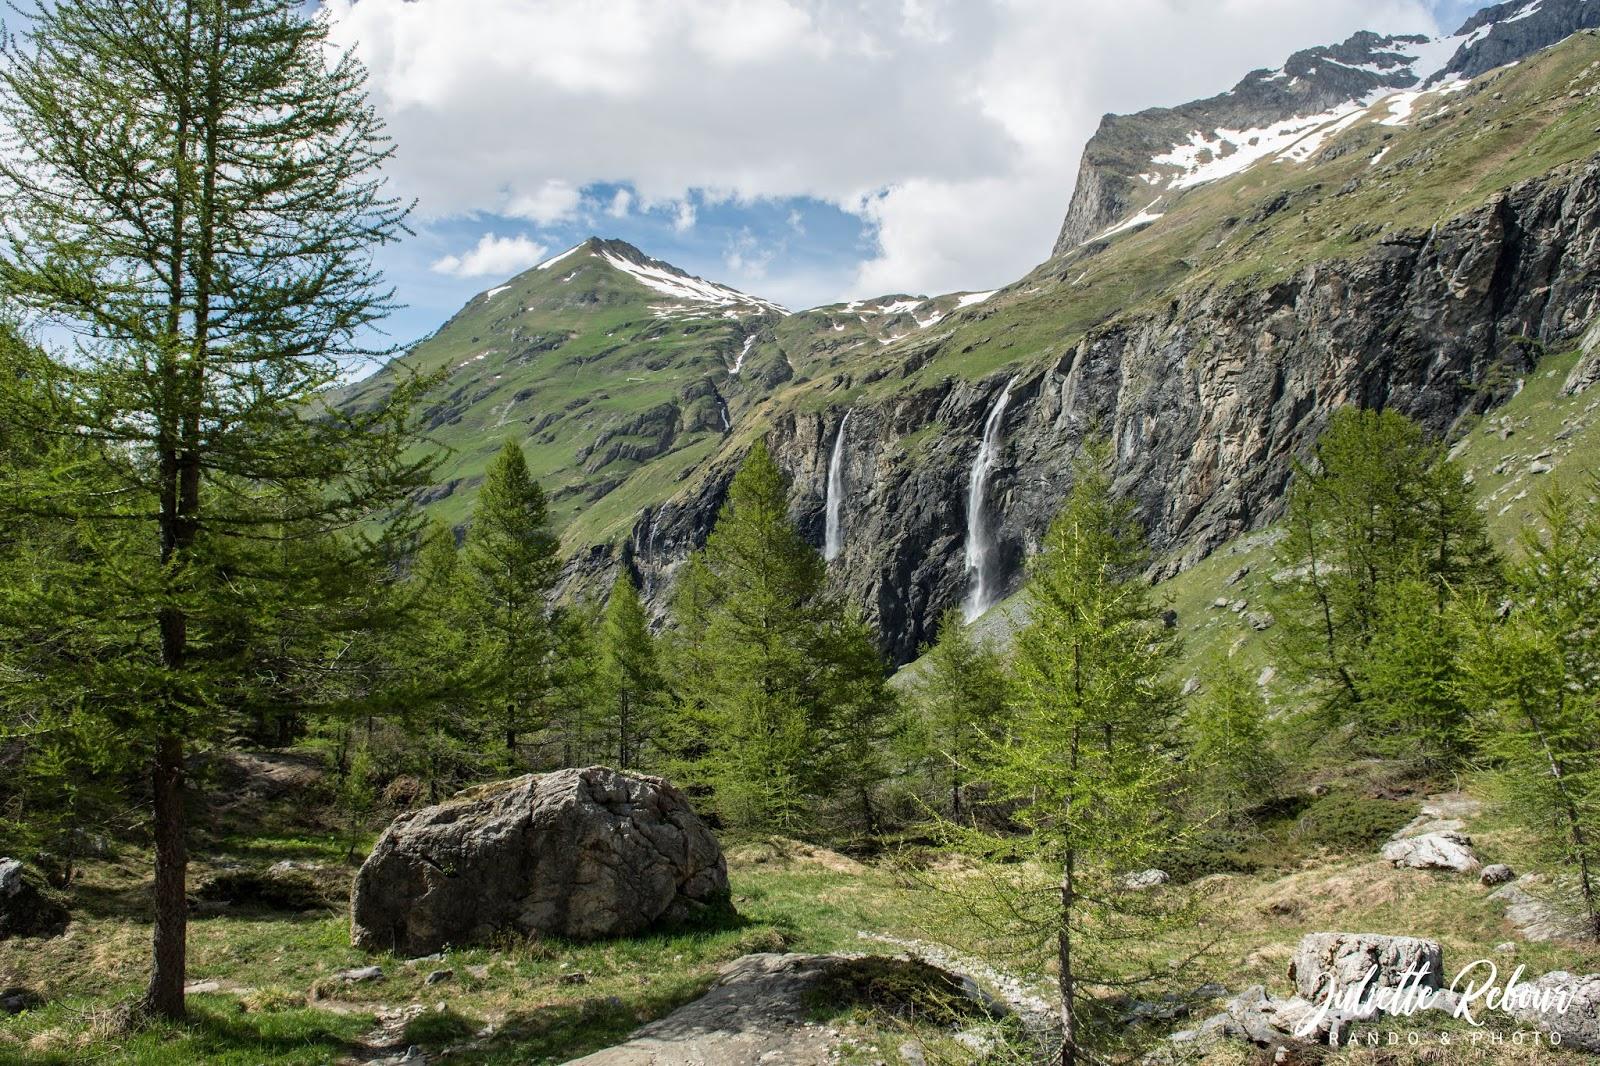 Cascades de Nant Putor